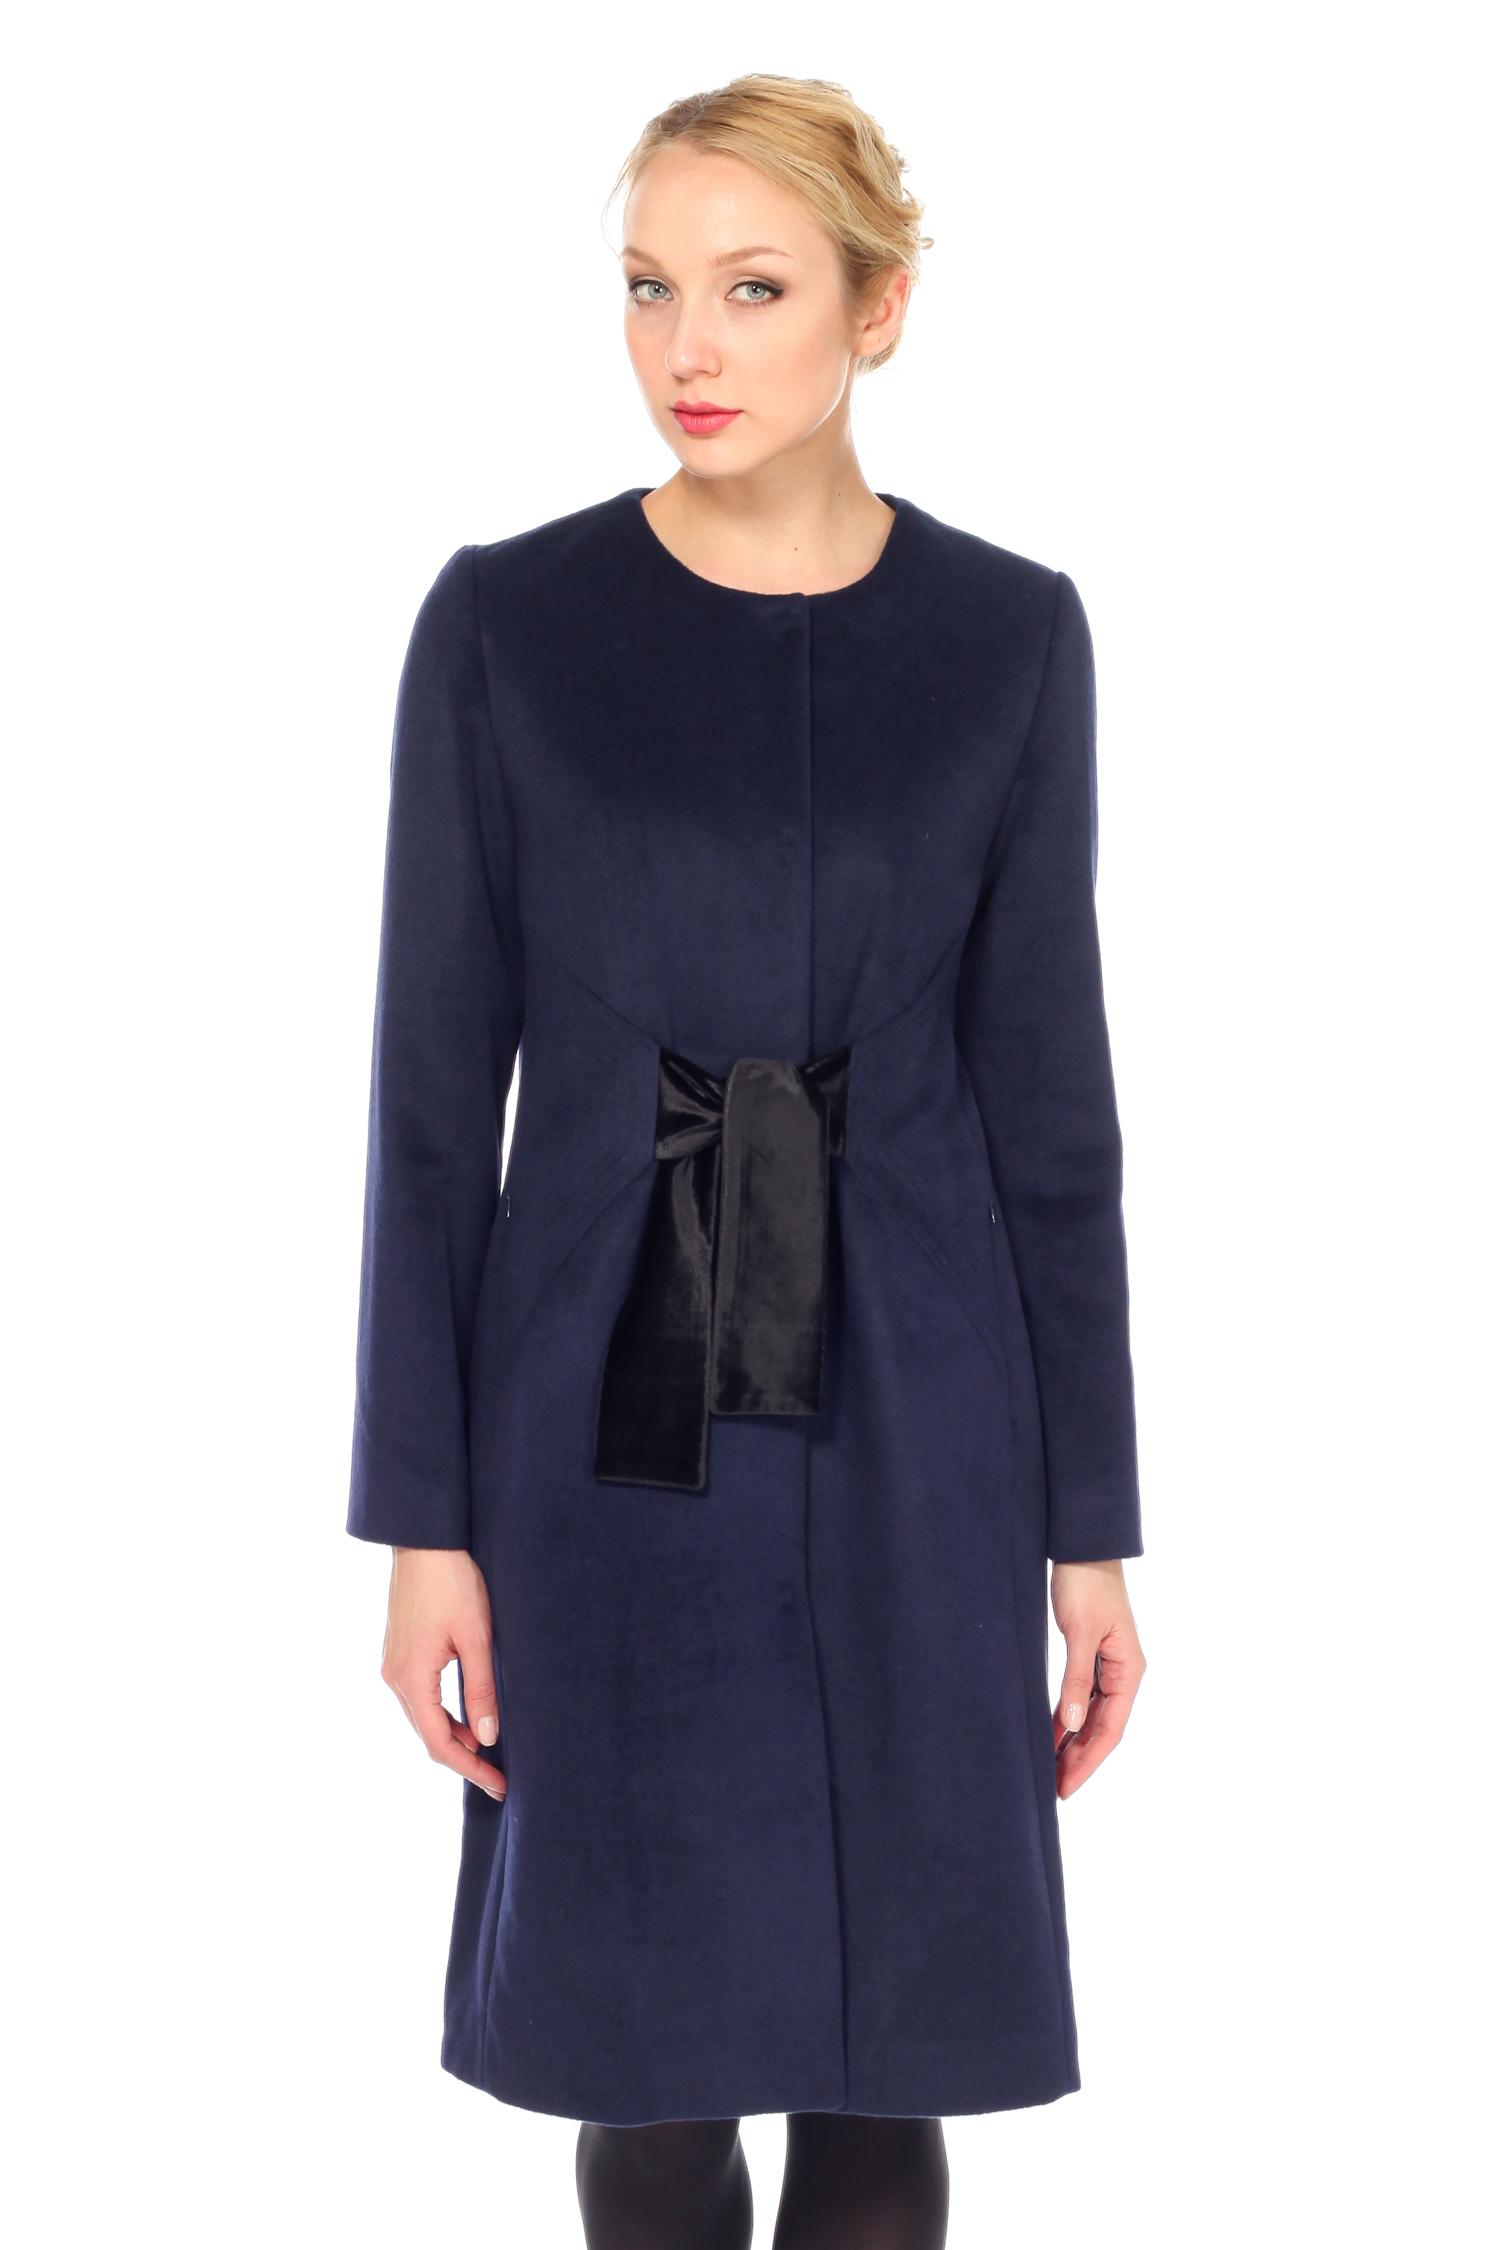 Женское пальто с воротником, без отделки<br><br>Воротник: без воротника<br>Длина см: Длинная (свыше 90)<br>Материал: Комбинированный состав<br>Цвет: синий<br>Вид застежки: центральная<br>Застежка: на кнопки<br>Пол: Женский<br>Размер RU: 56